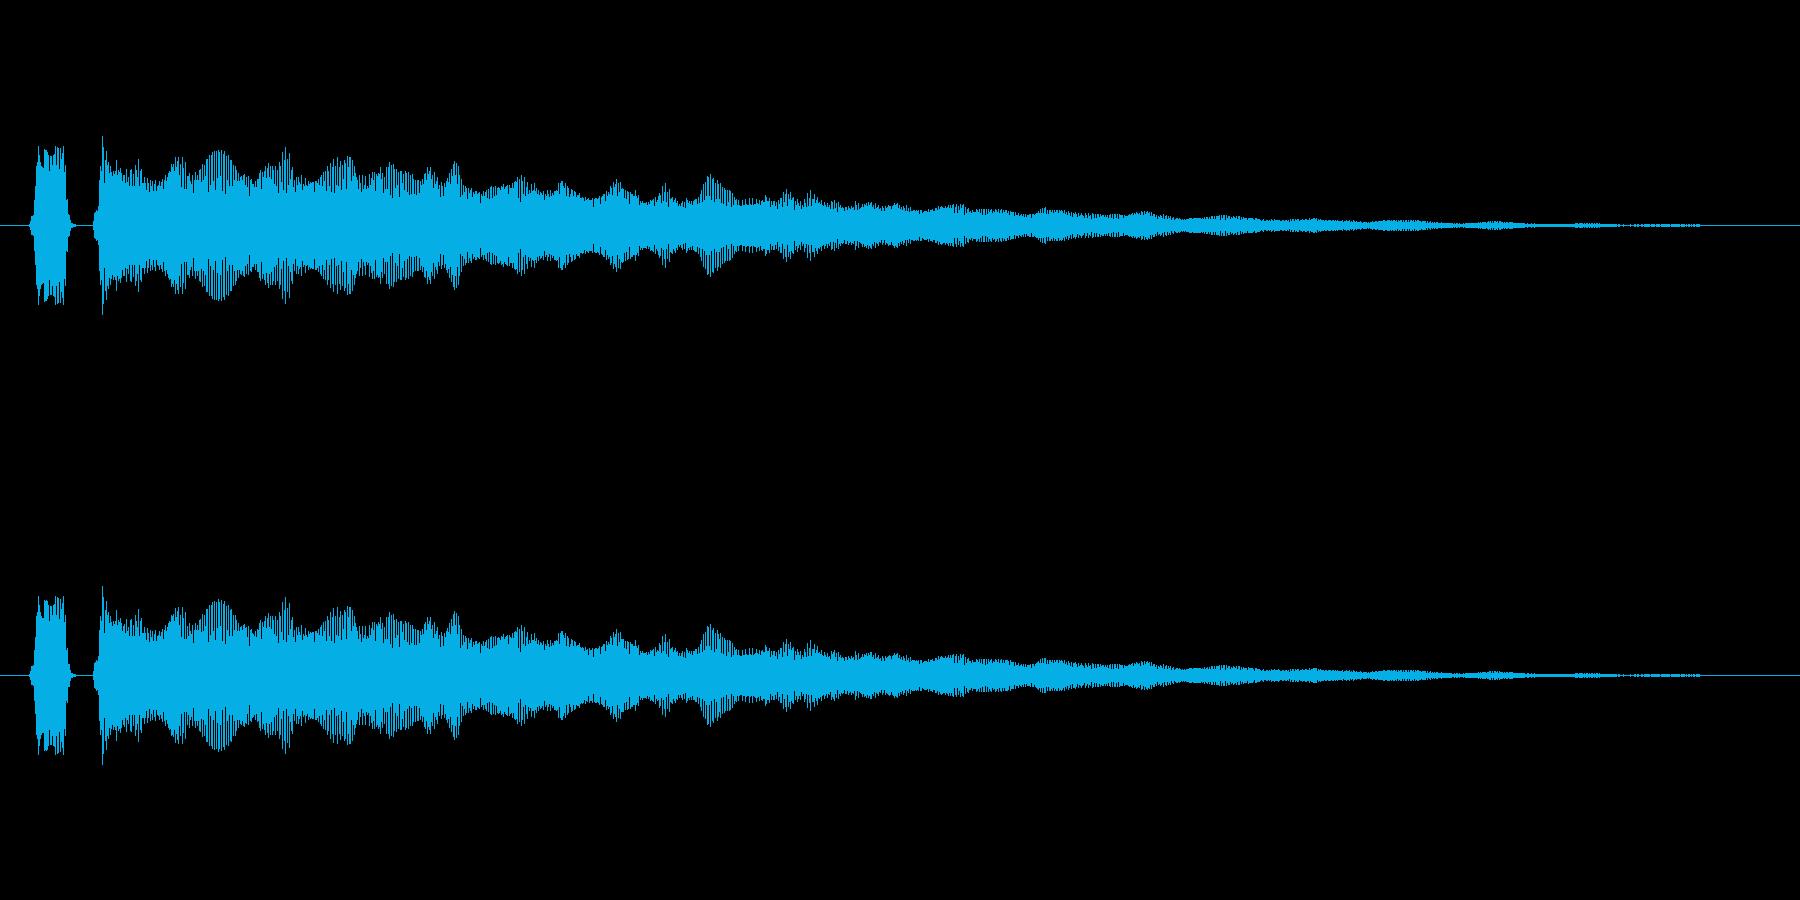 【フレーズ05-3】の再生済みの波形